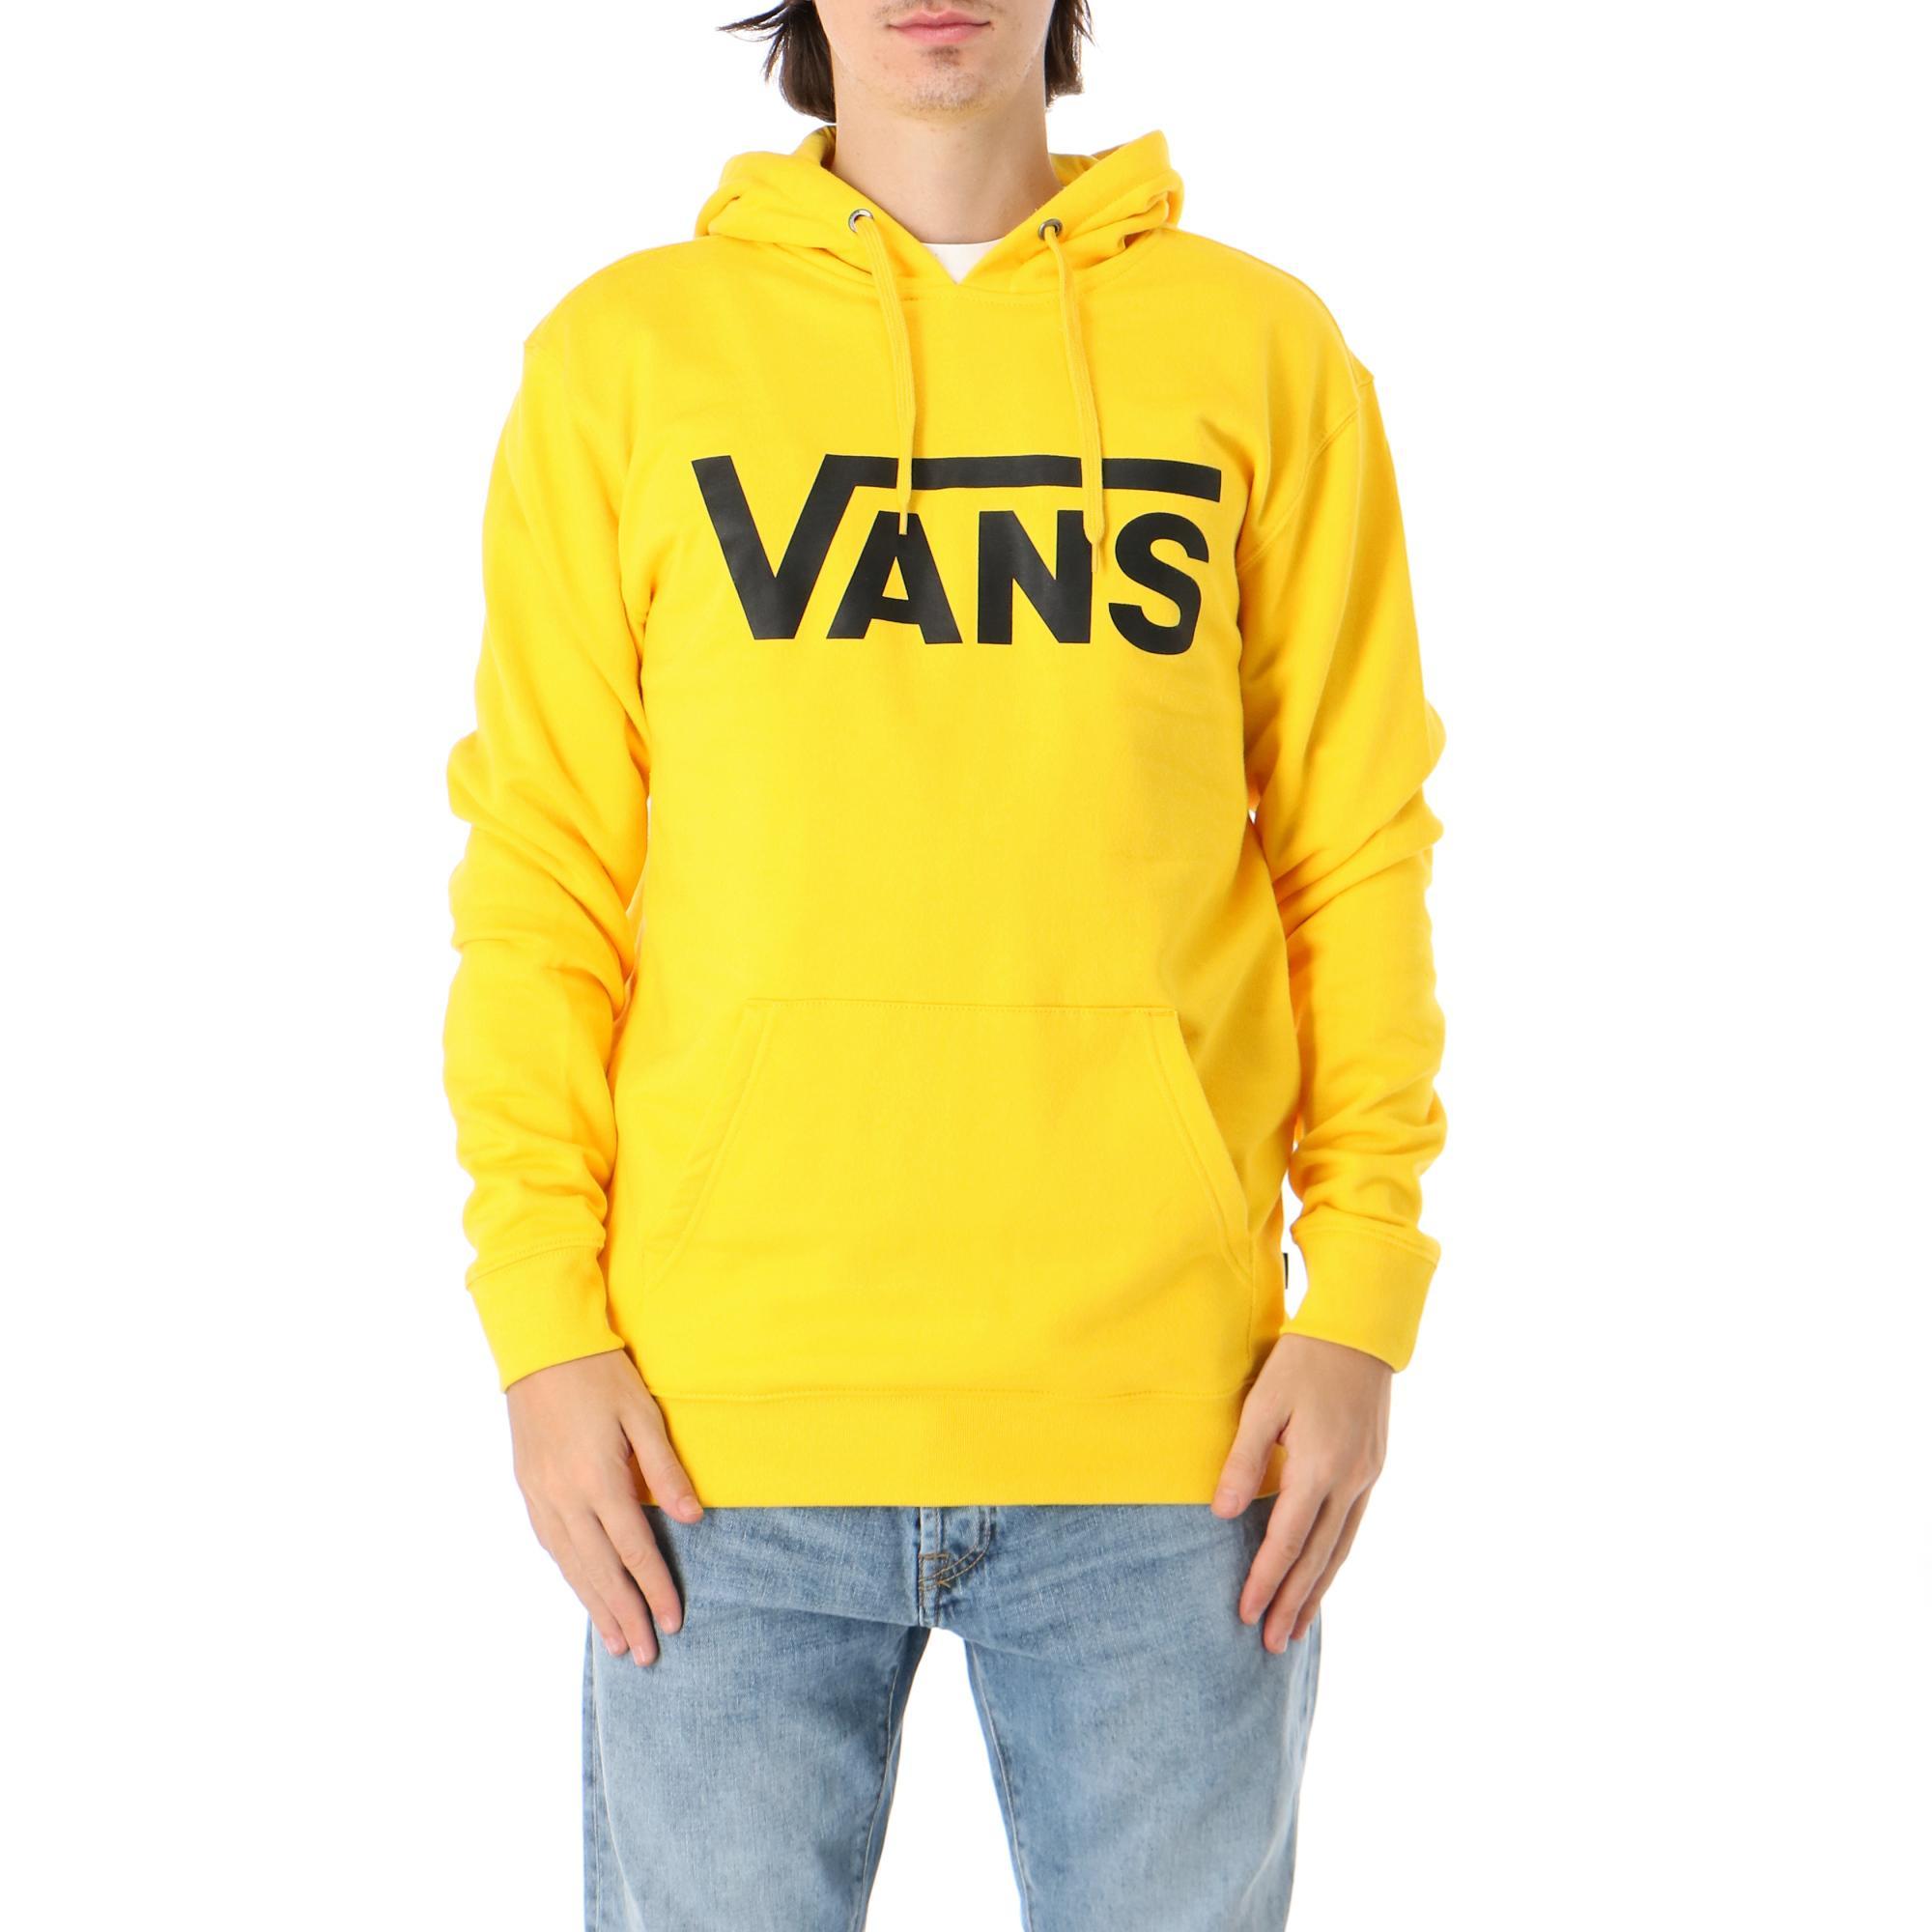 Vans Mn Vans Classic Po Hoodie Ii Lemon chrome